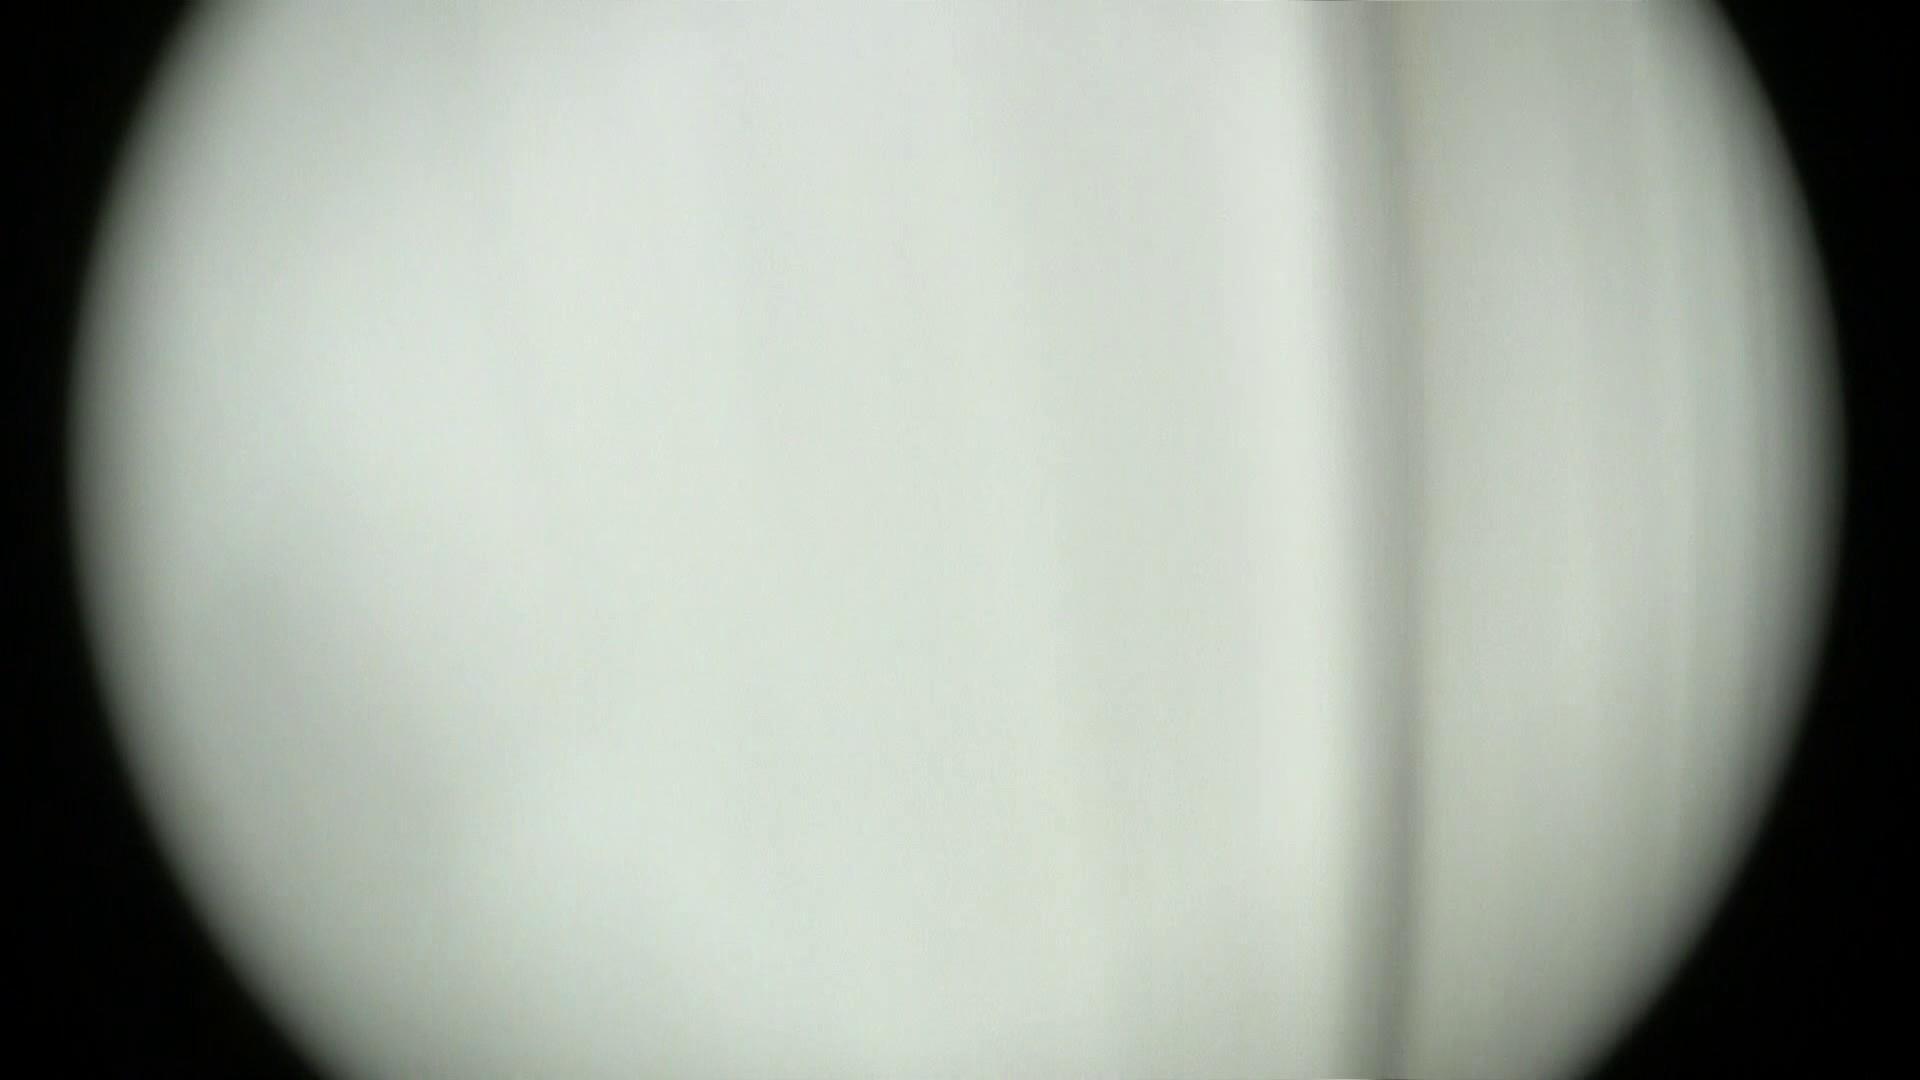 NO.12 斜めから一本道!技あり!! シャワー室 のぞき動画画像 50pic 41